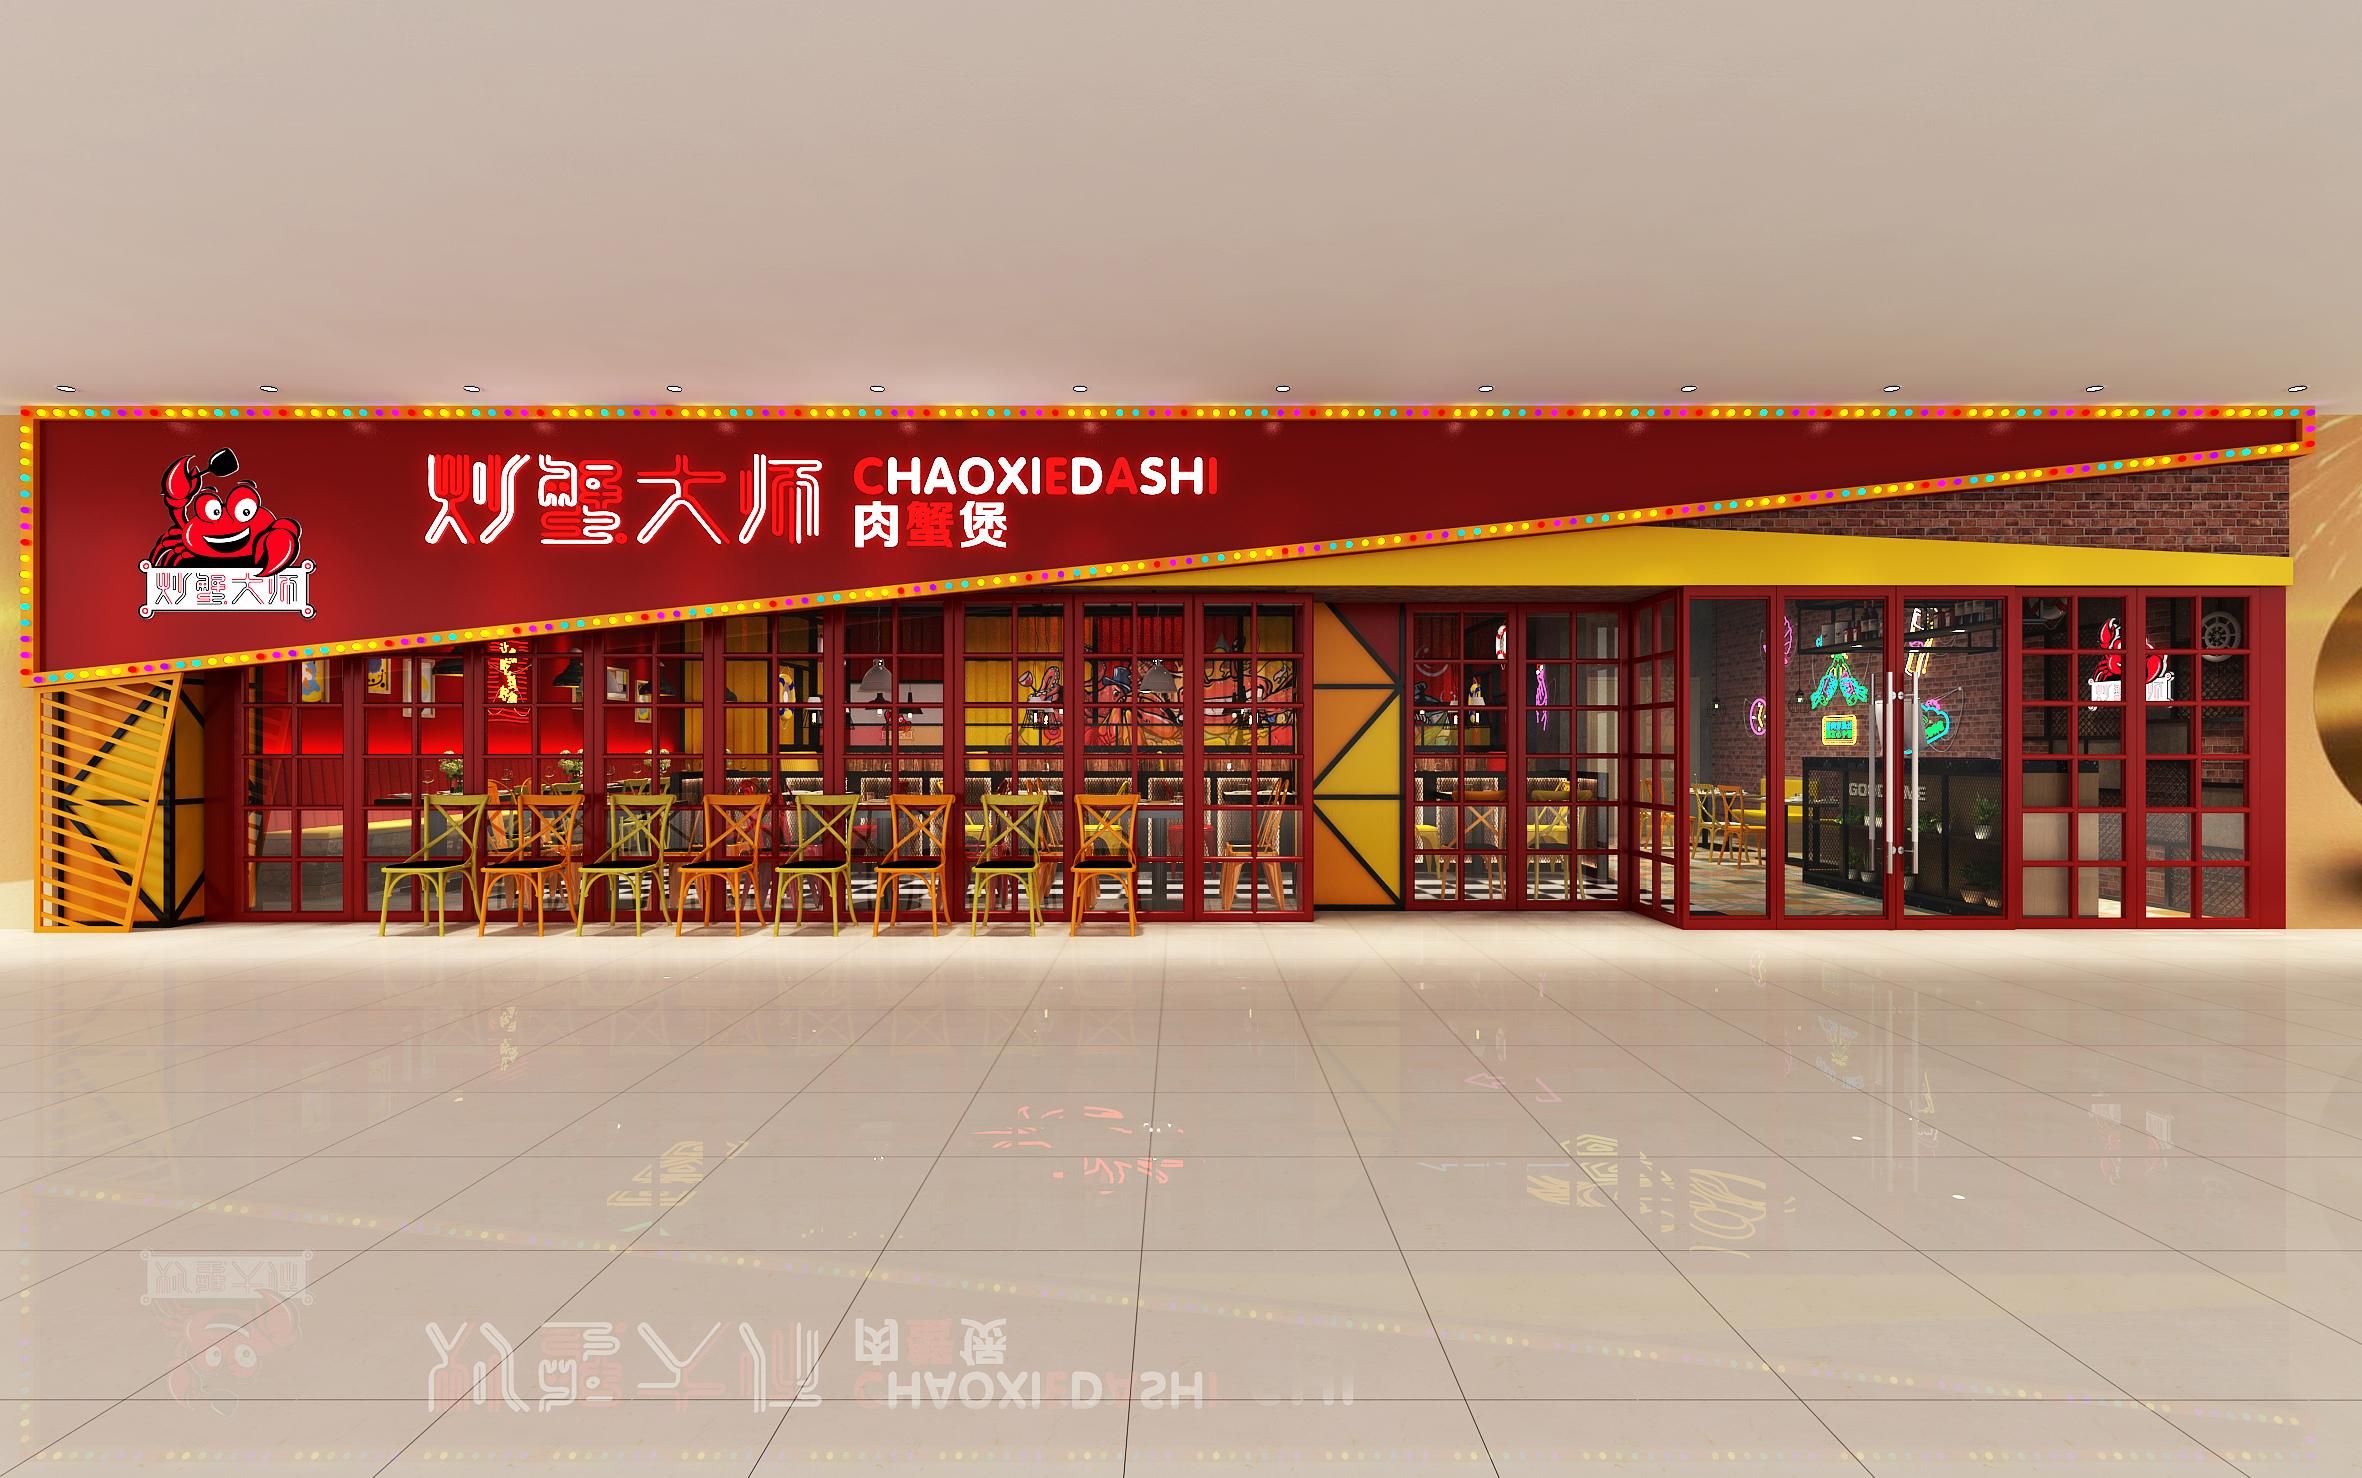 展厅专卖店SI空间连锁店购物办公空间餐饮店面连锁超市展览展台